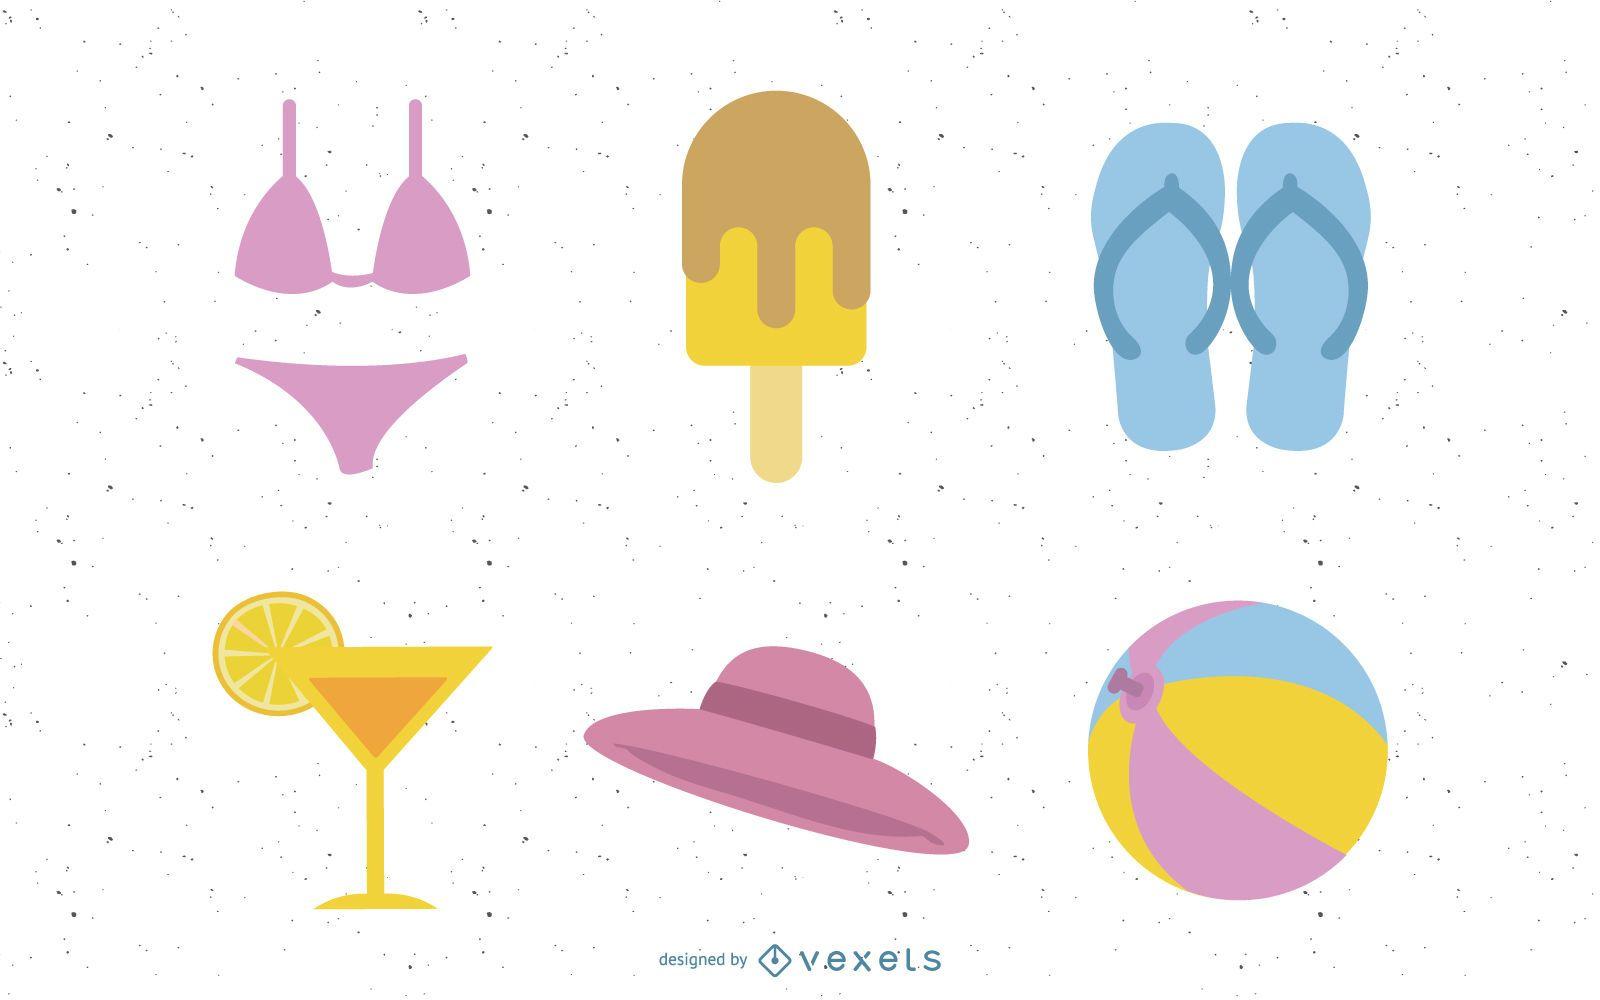 Iconos vectoriales de verano y cosas divertidas